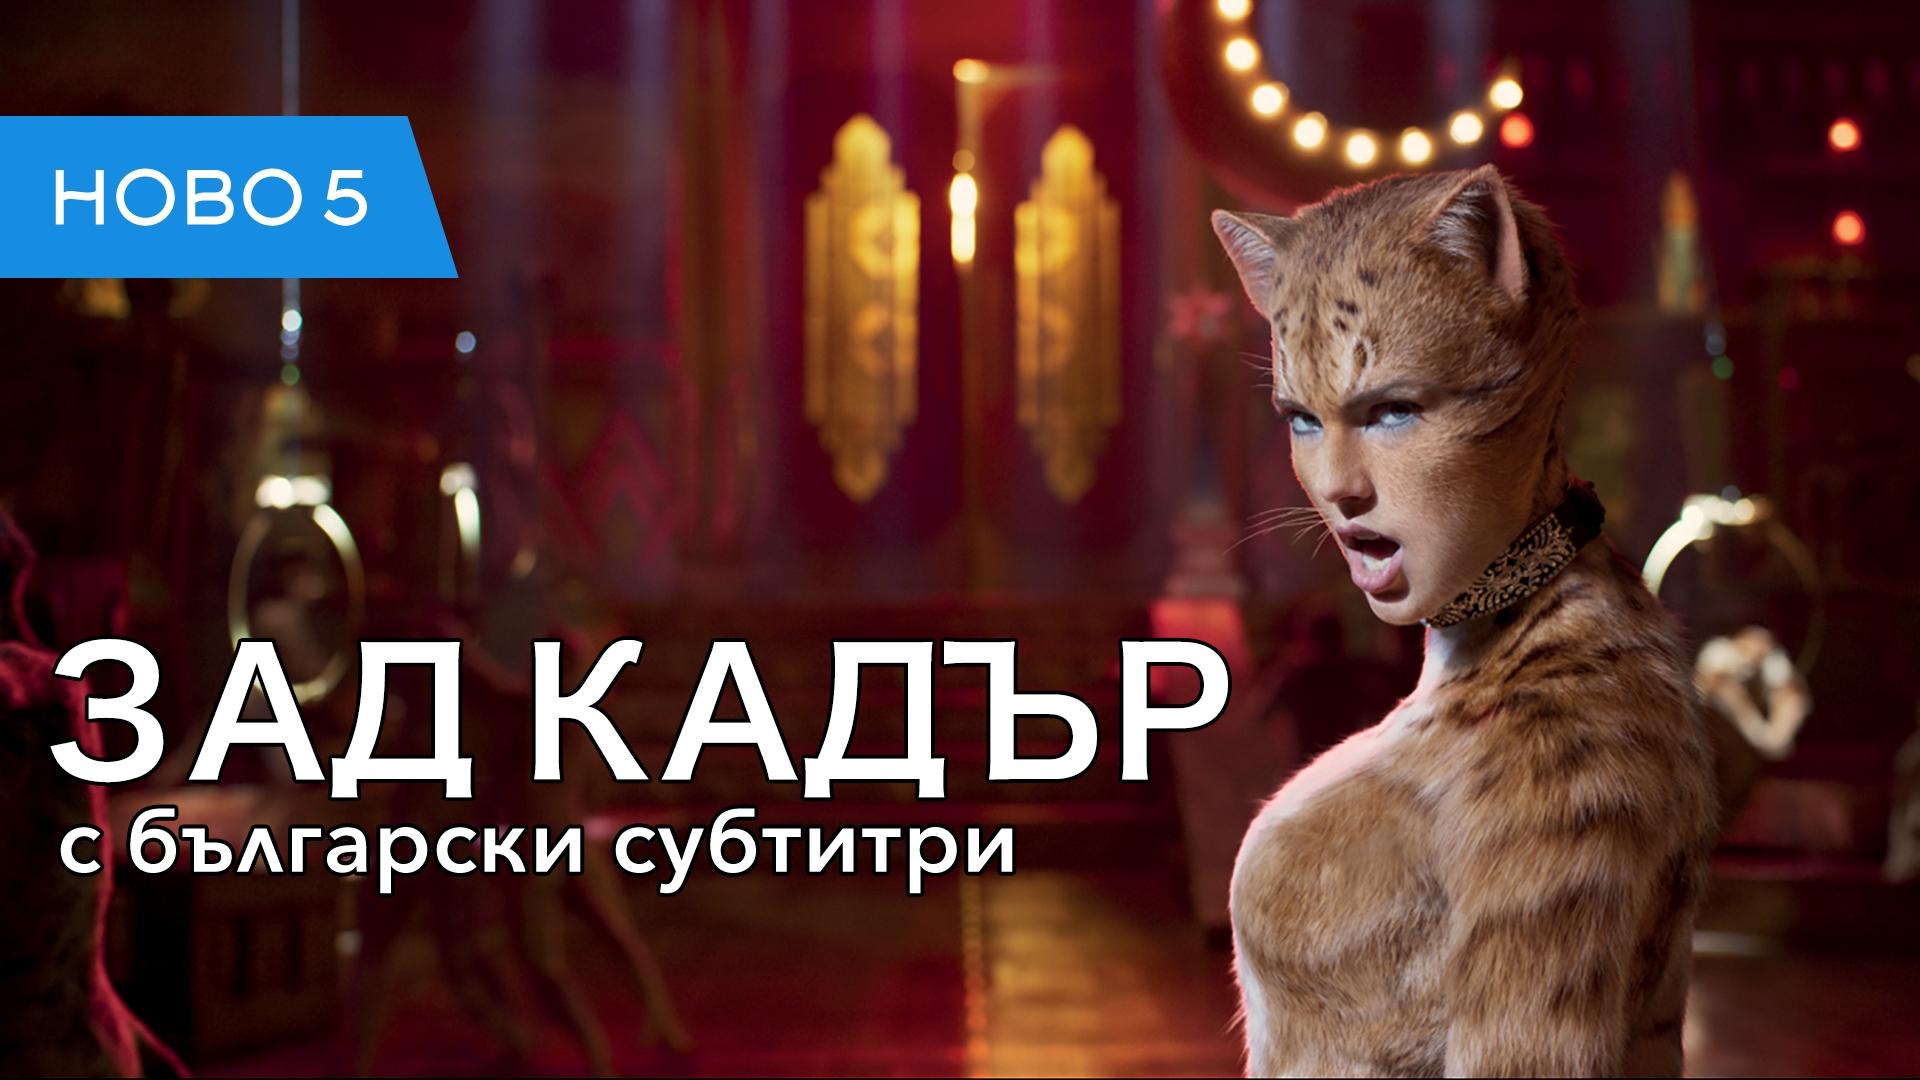 Котките (2019) видео зад кадър с български субтитри